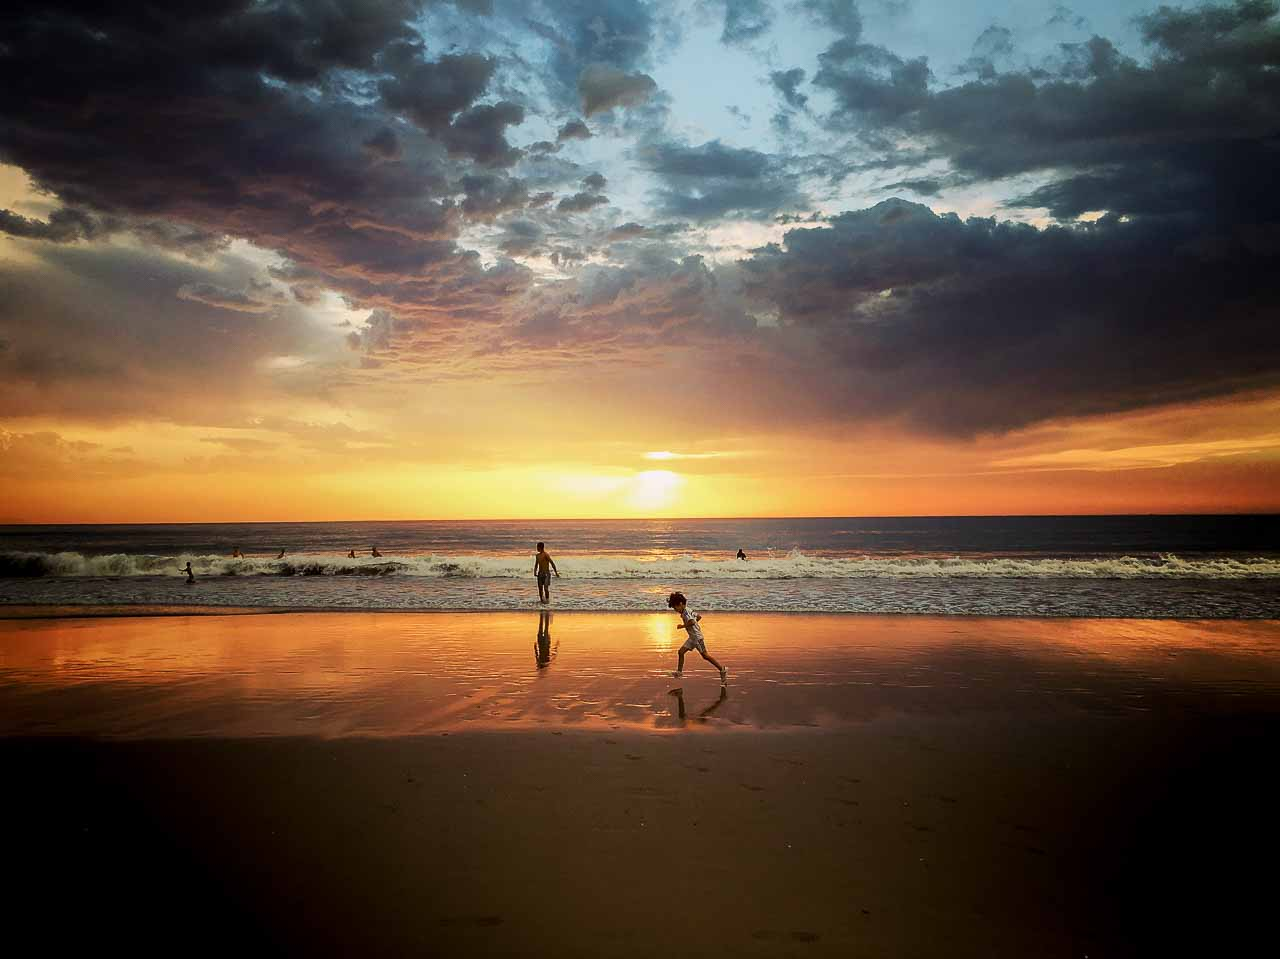 Børnefotografering hos kvindelig fotograf